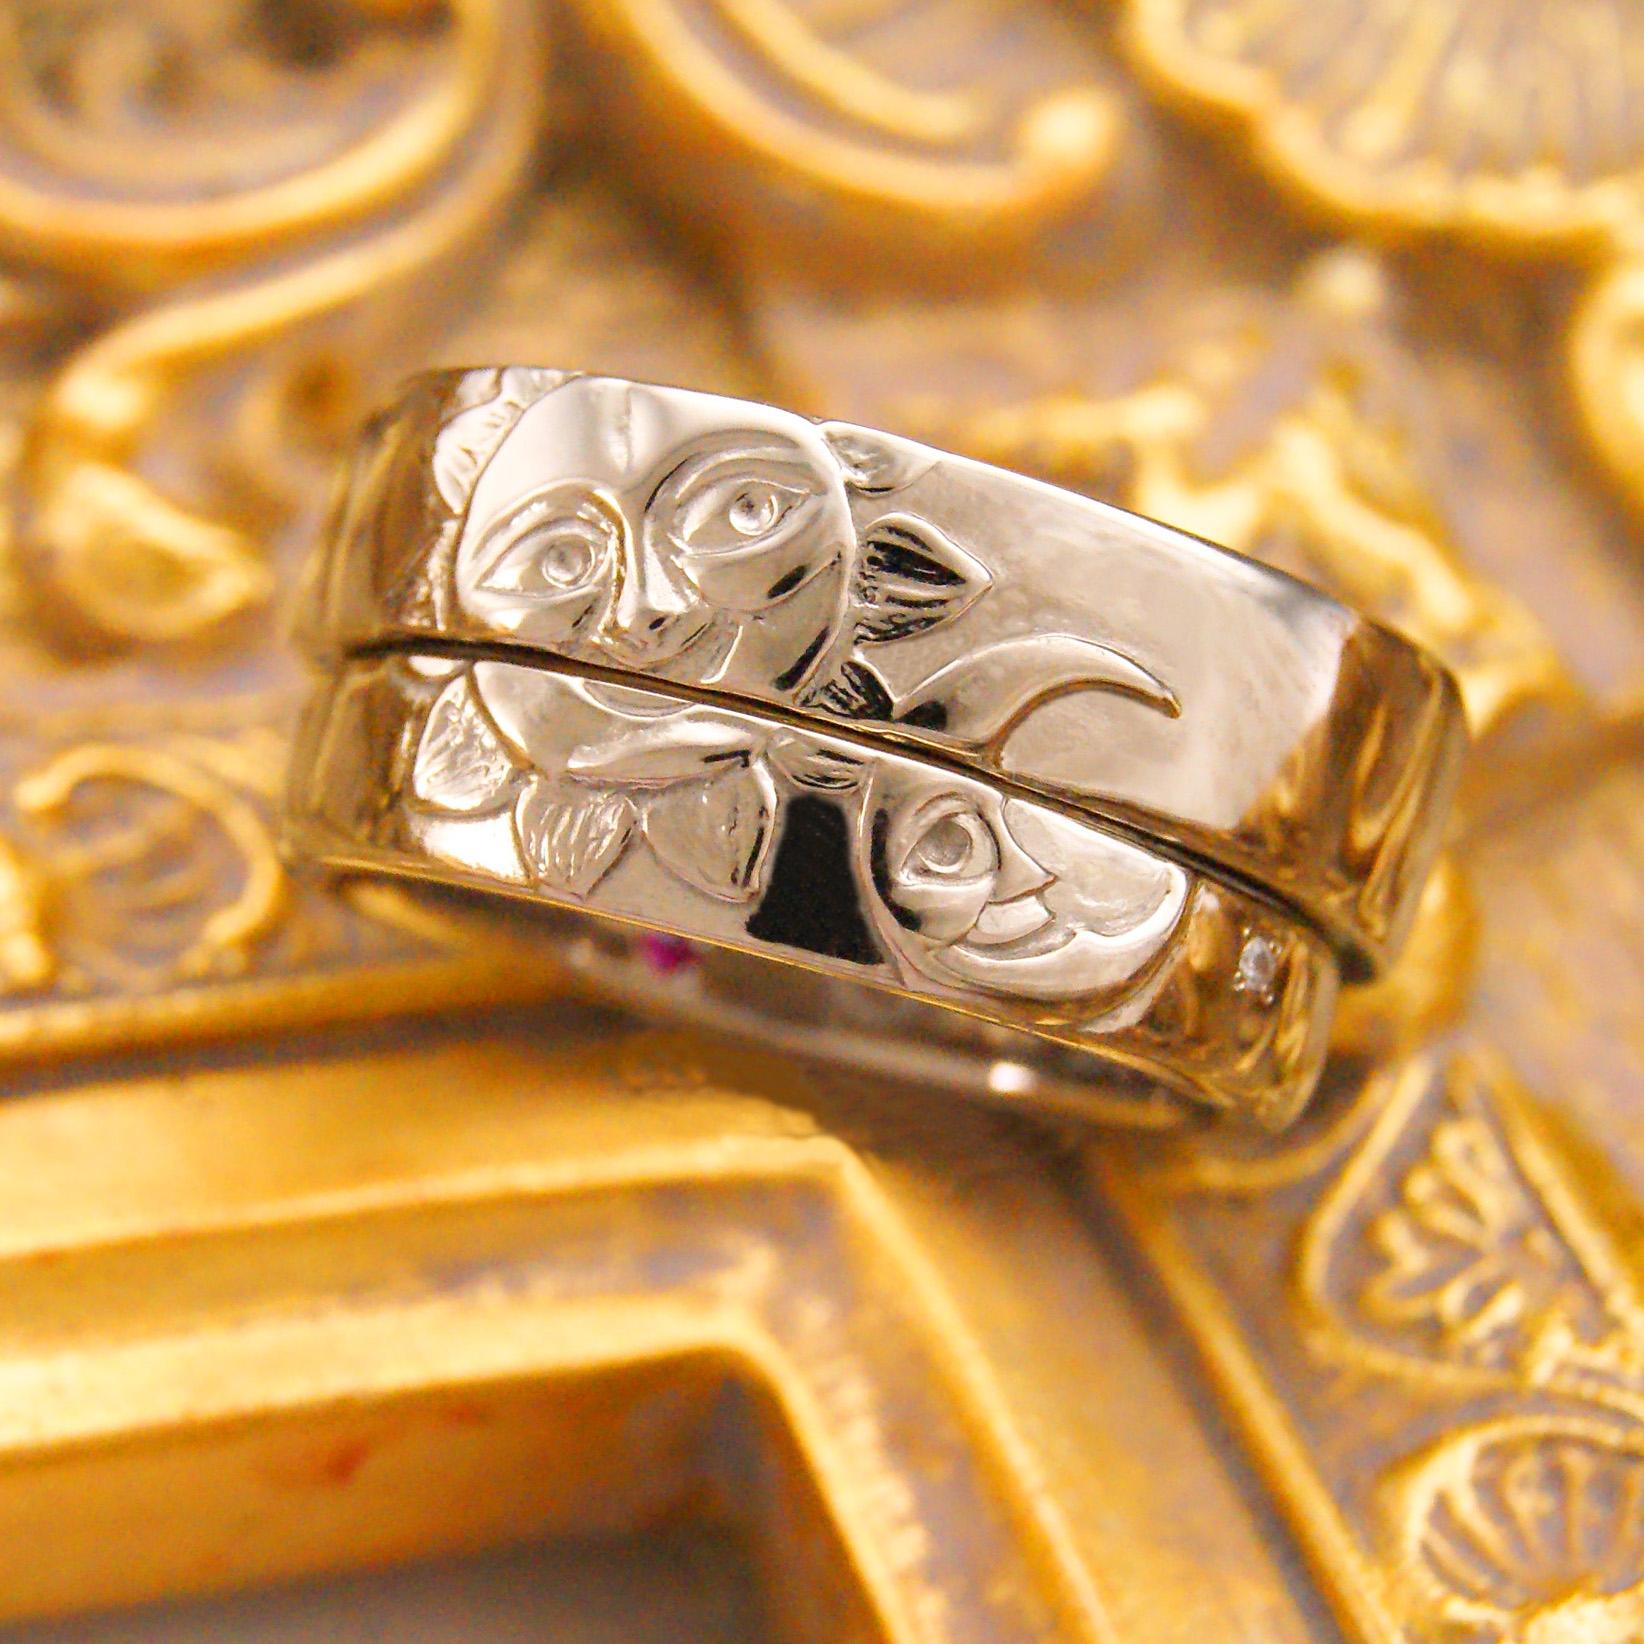 「月と太陽」モチーフの結婚指輪 / kazariyaYui 福島県郡山市